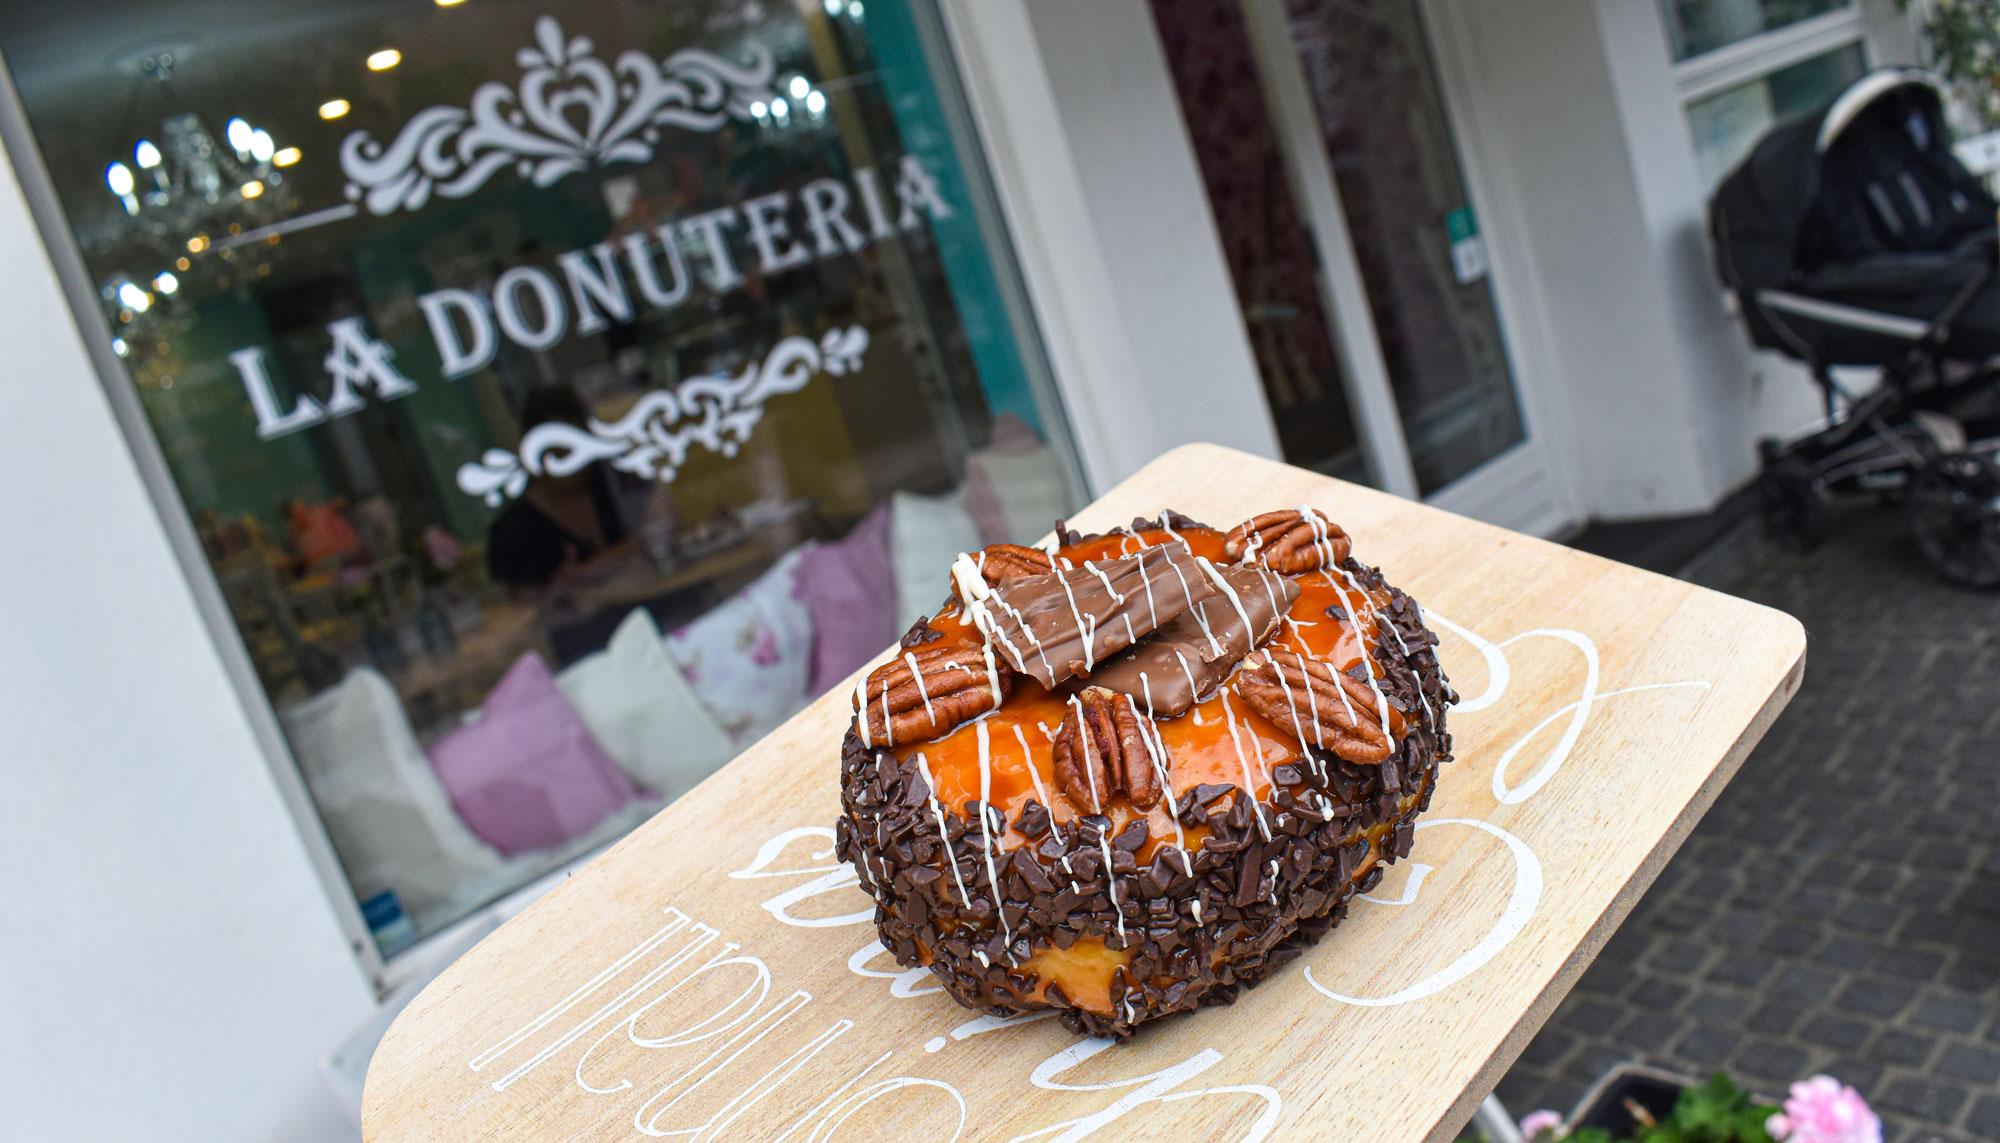 Saltet karamel og chokolade: Byd velkommen til MigogAalborg-donuten